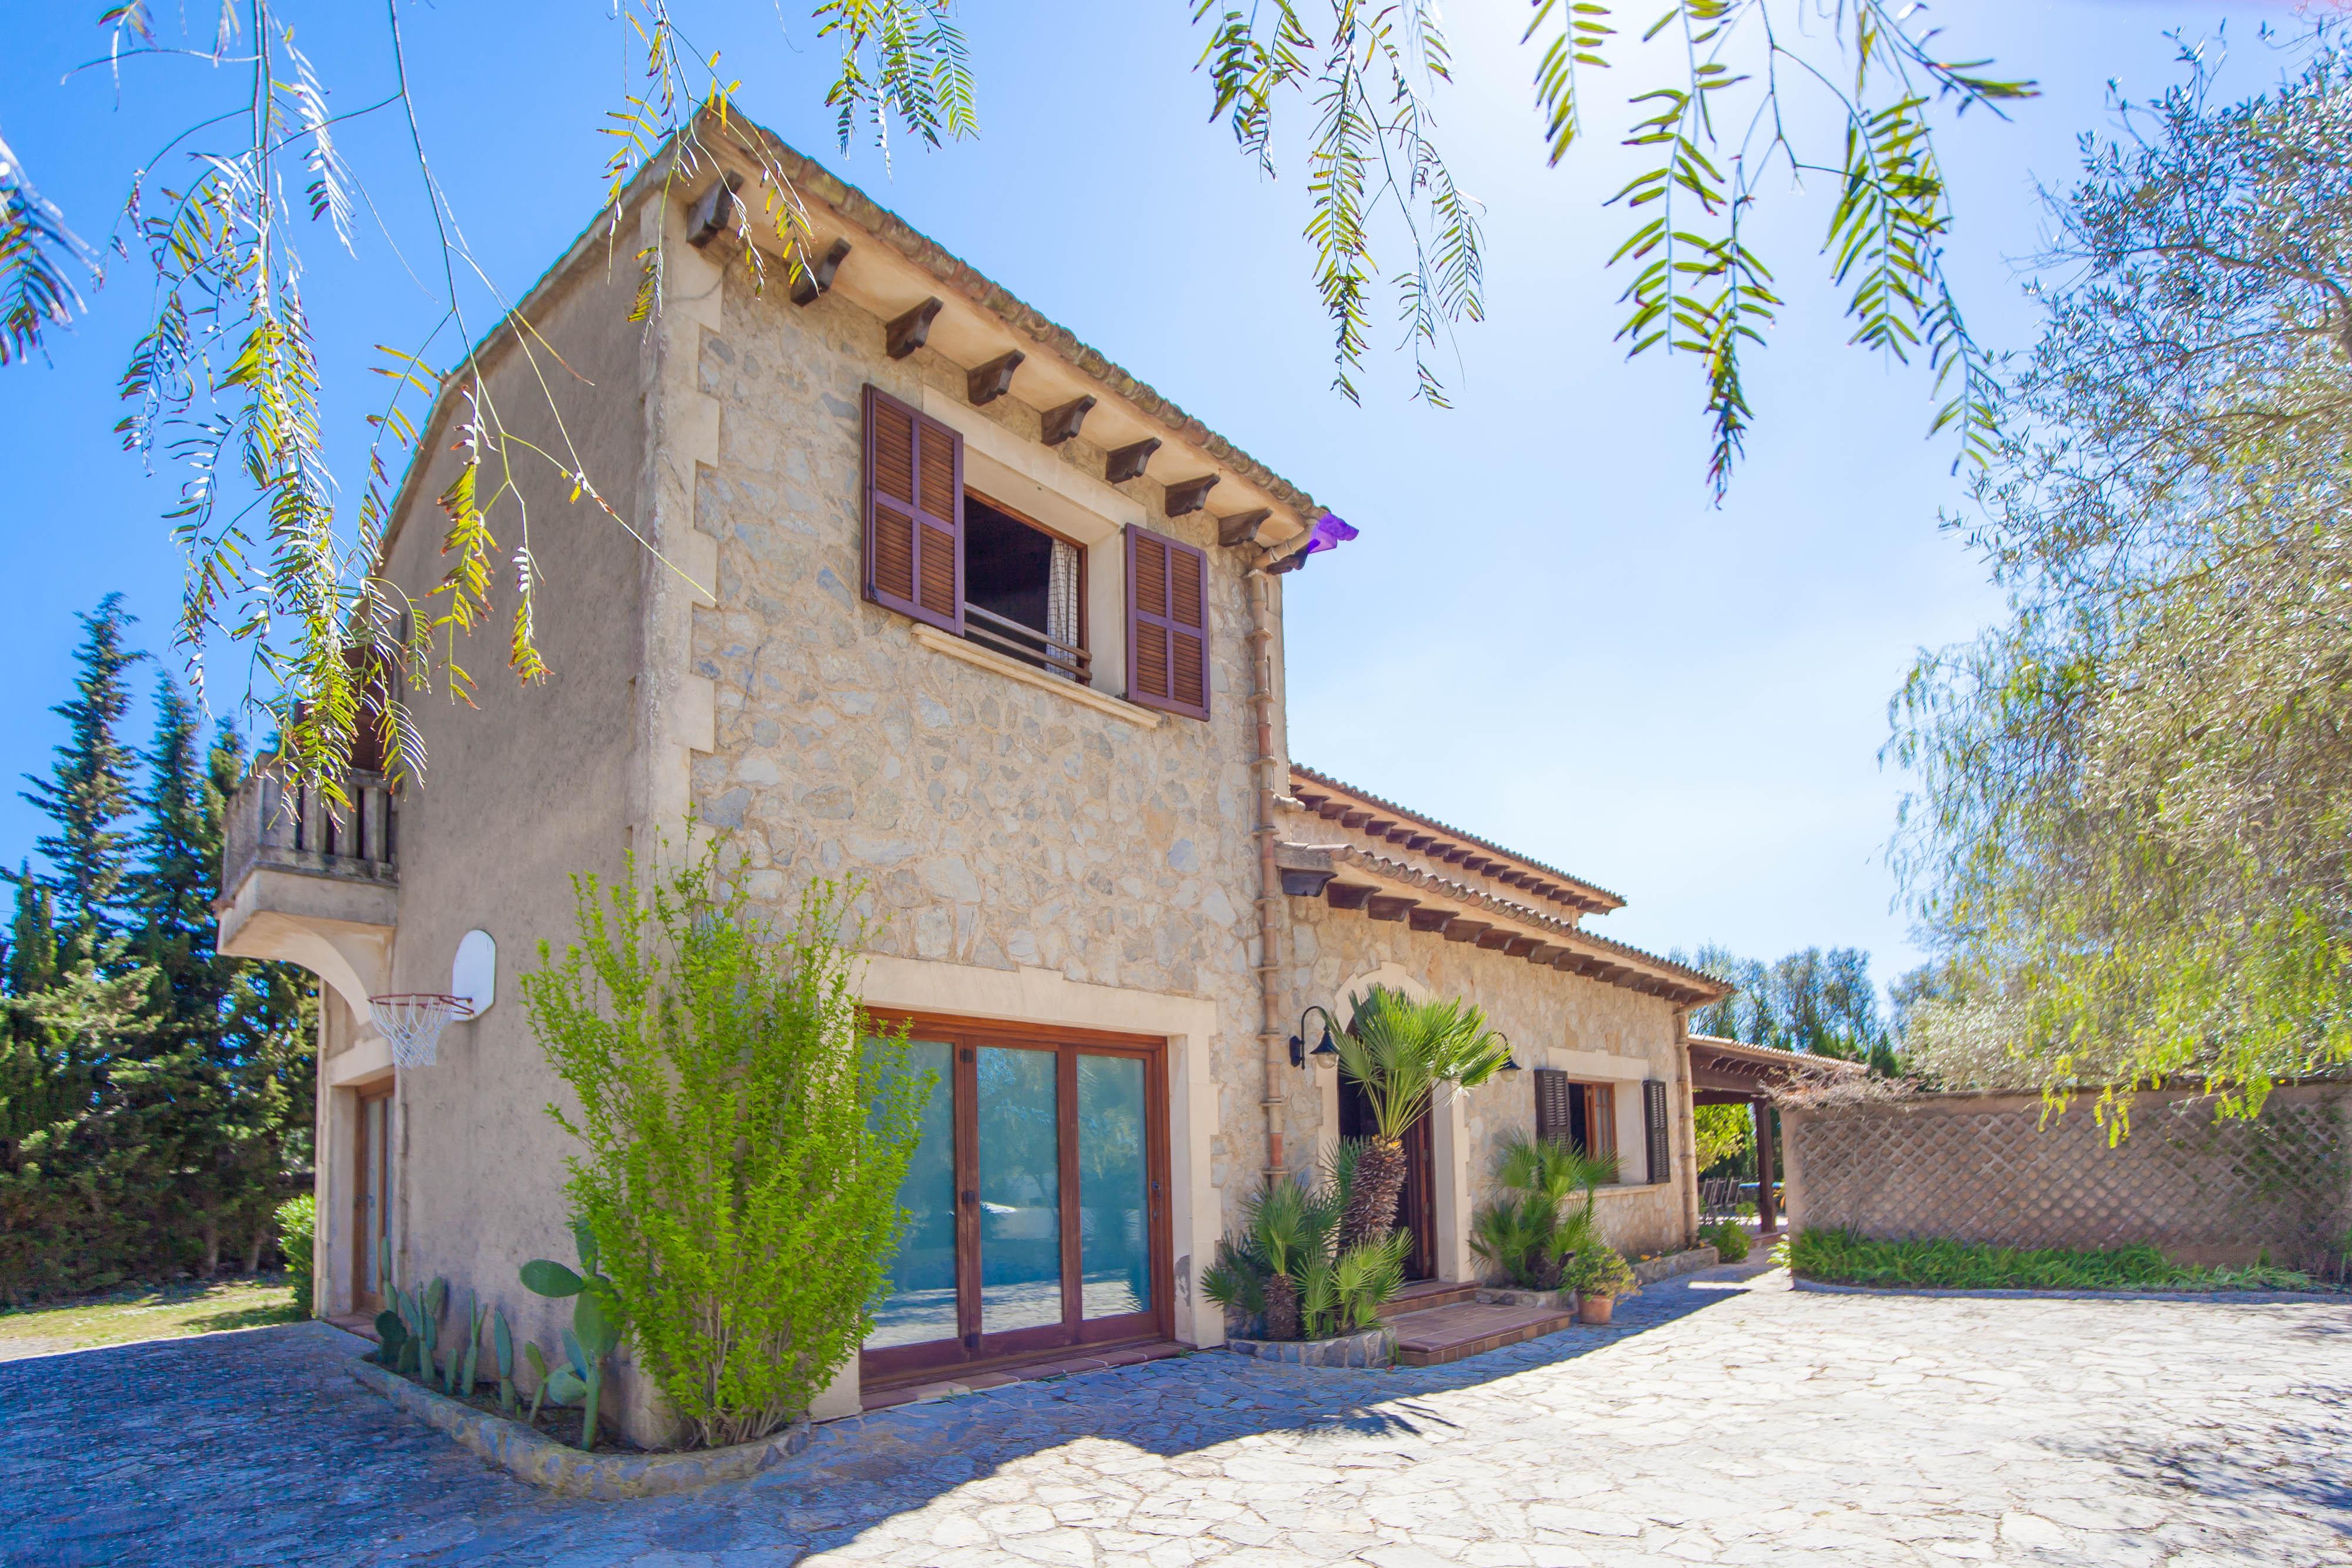 Ferienhaus SOS MONJOS (2177982), Arta, Mallorca, Balearische Inseln, Spanien, Bild 31